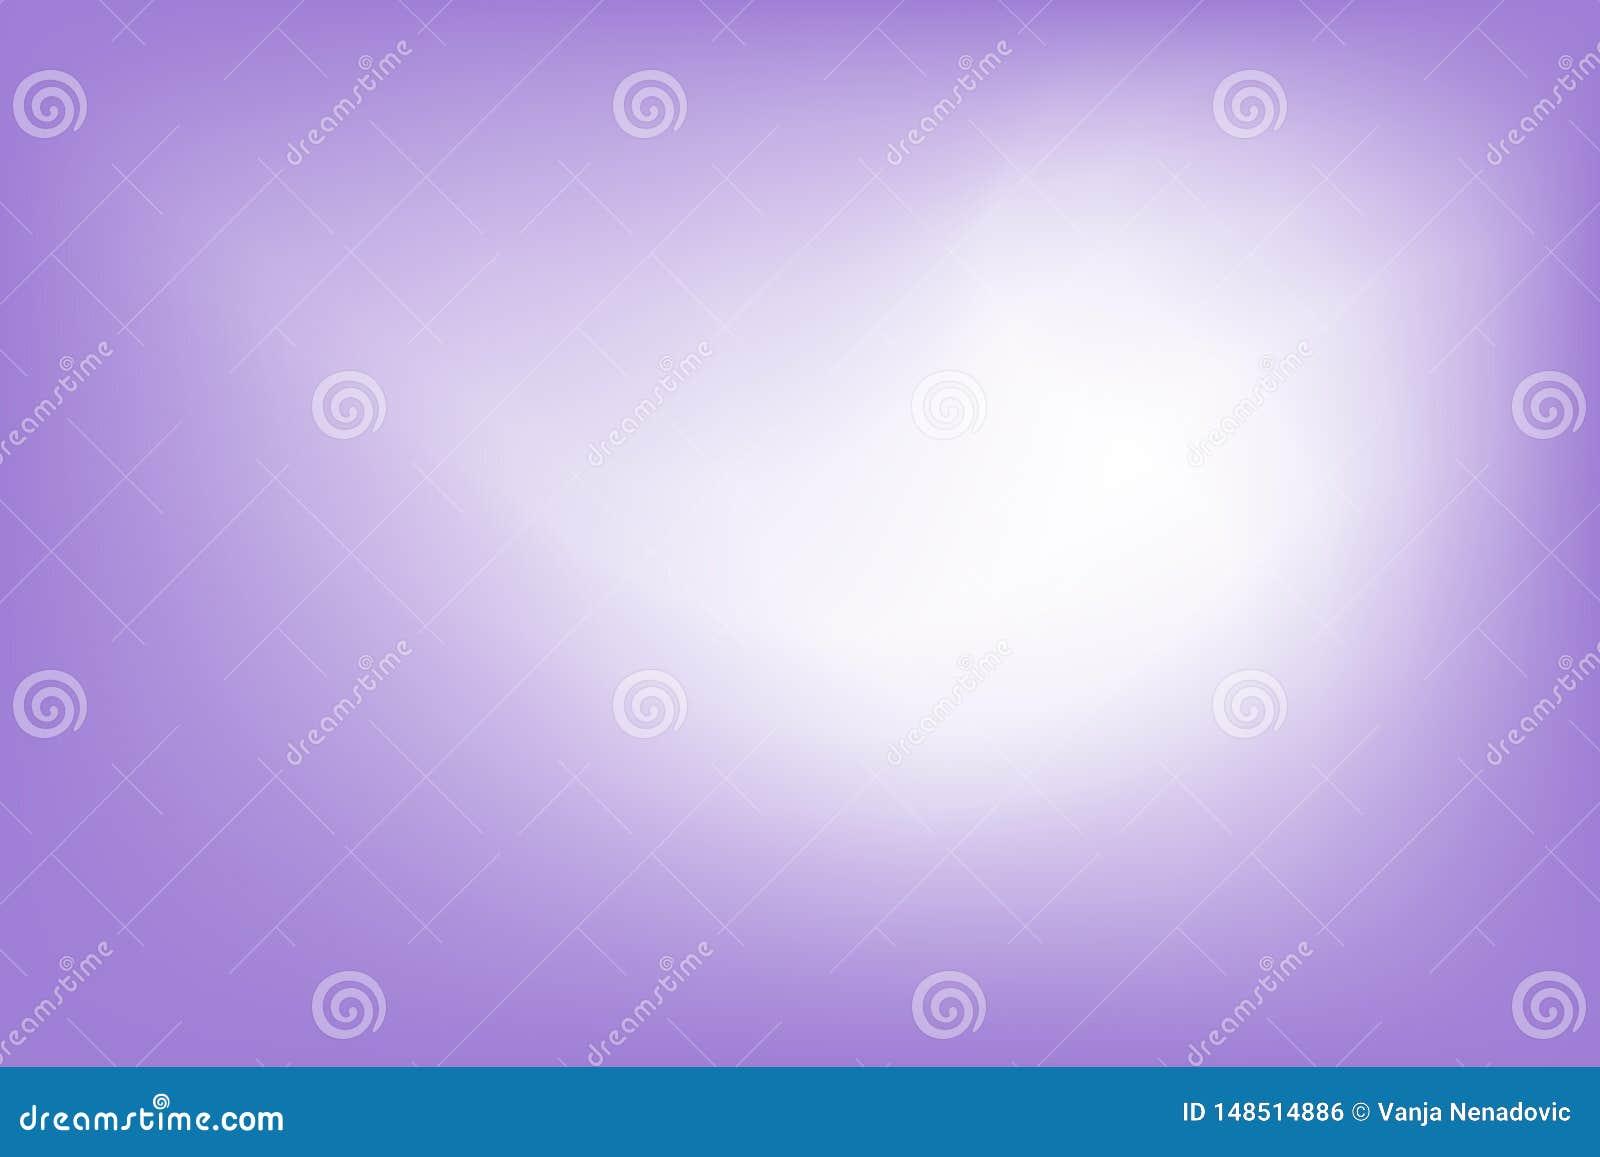 Abstrakter purpurroter Unschärfehintergrund, Tapete